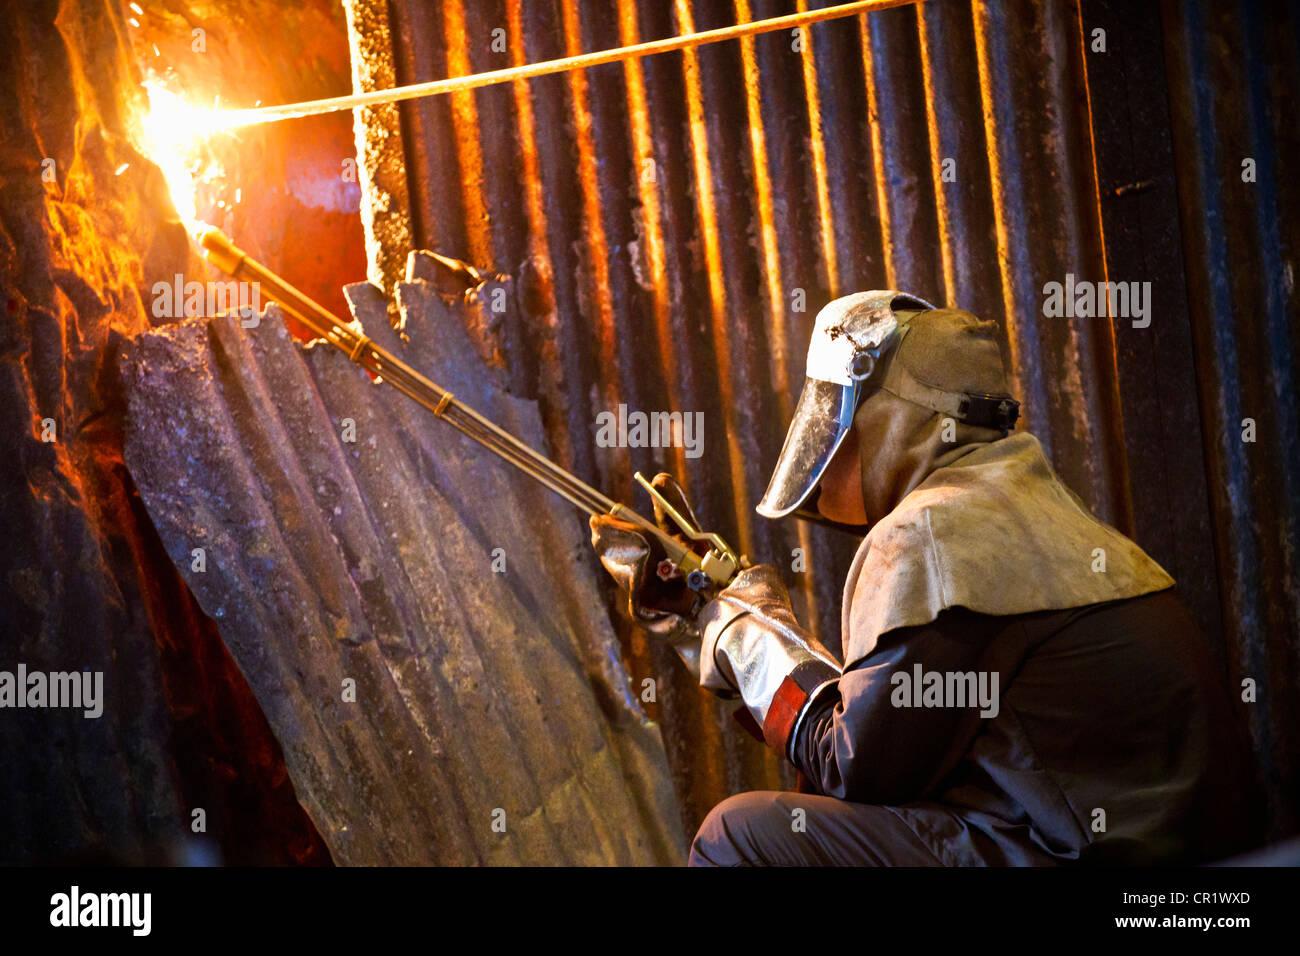 Saldatrice a lavorare nella fucina di acciaio Foto Stock